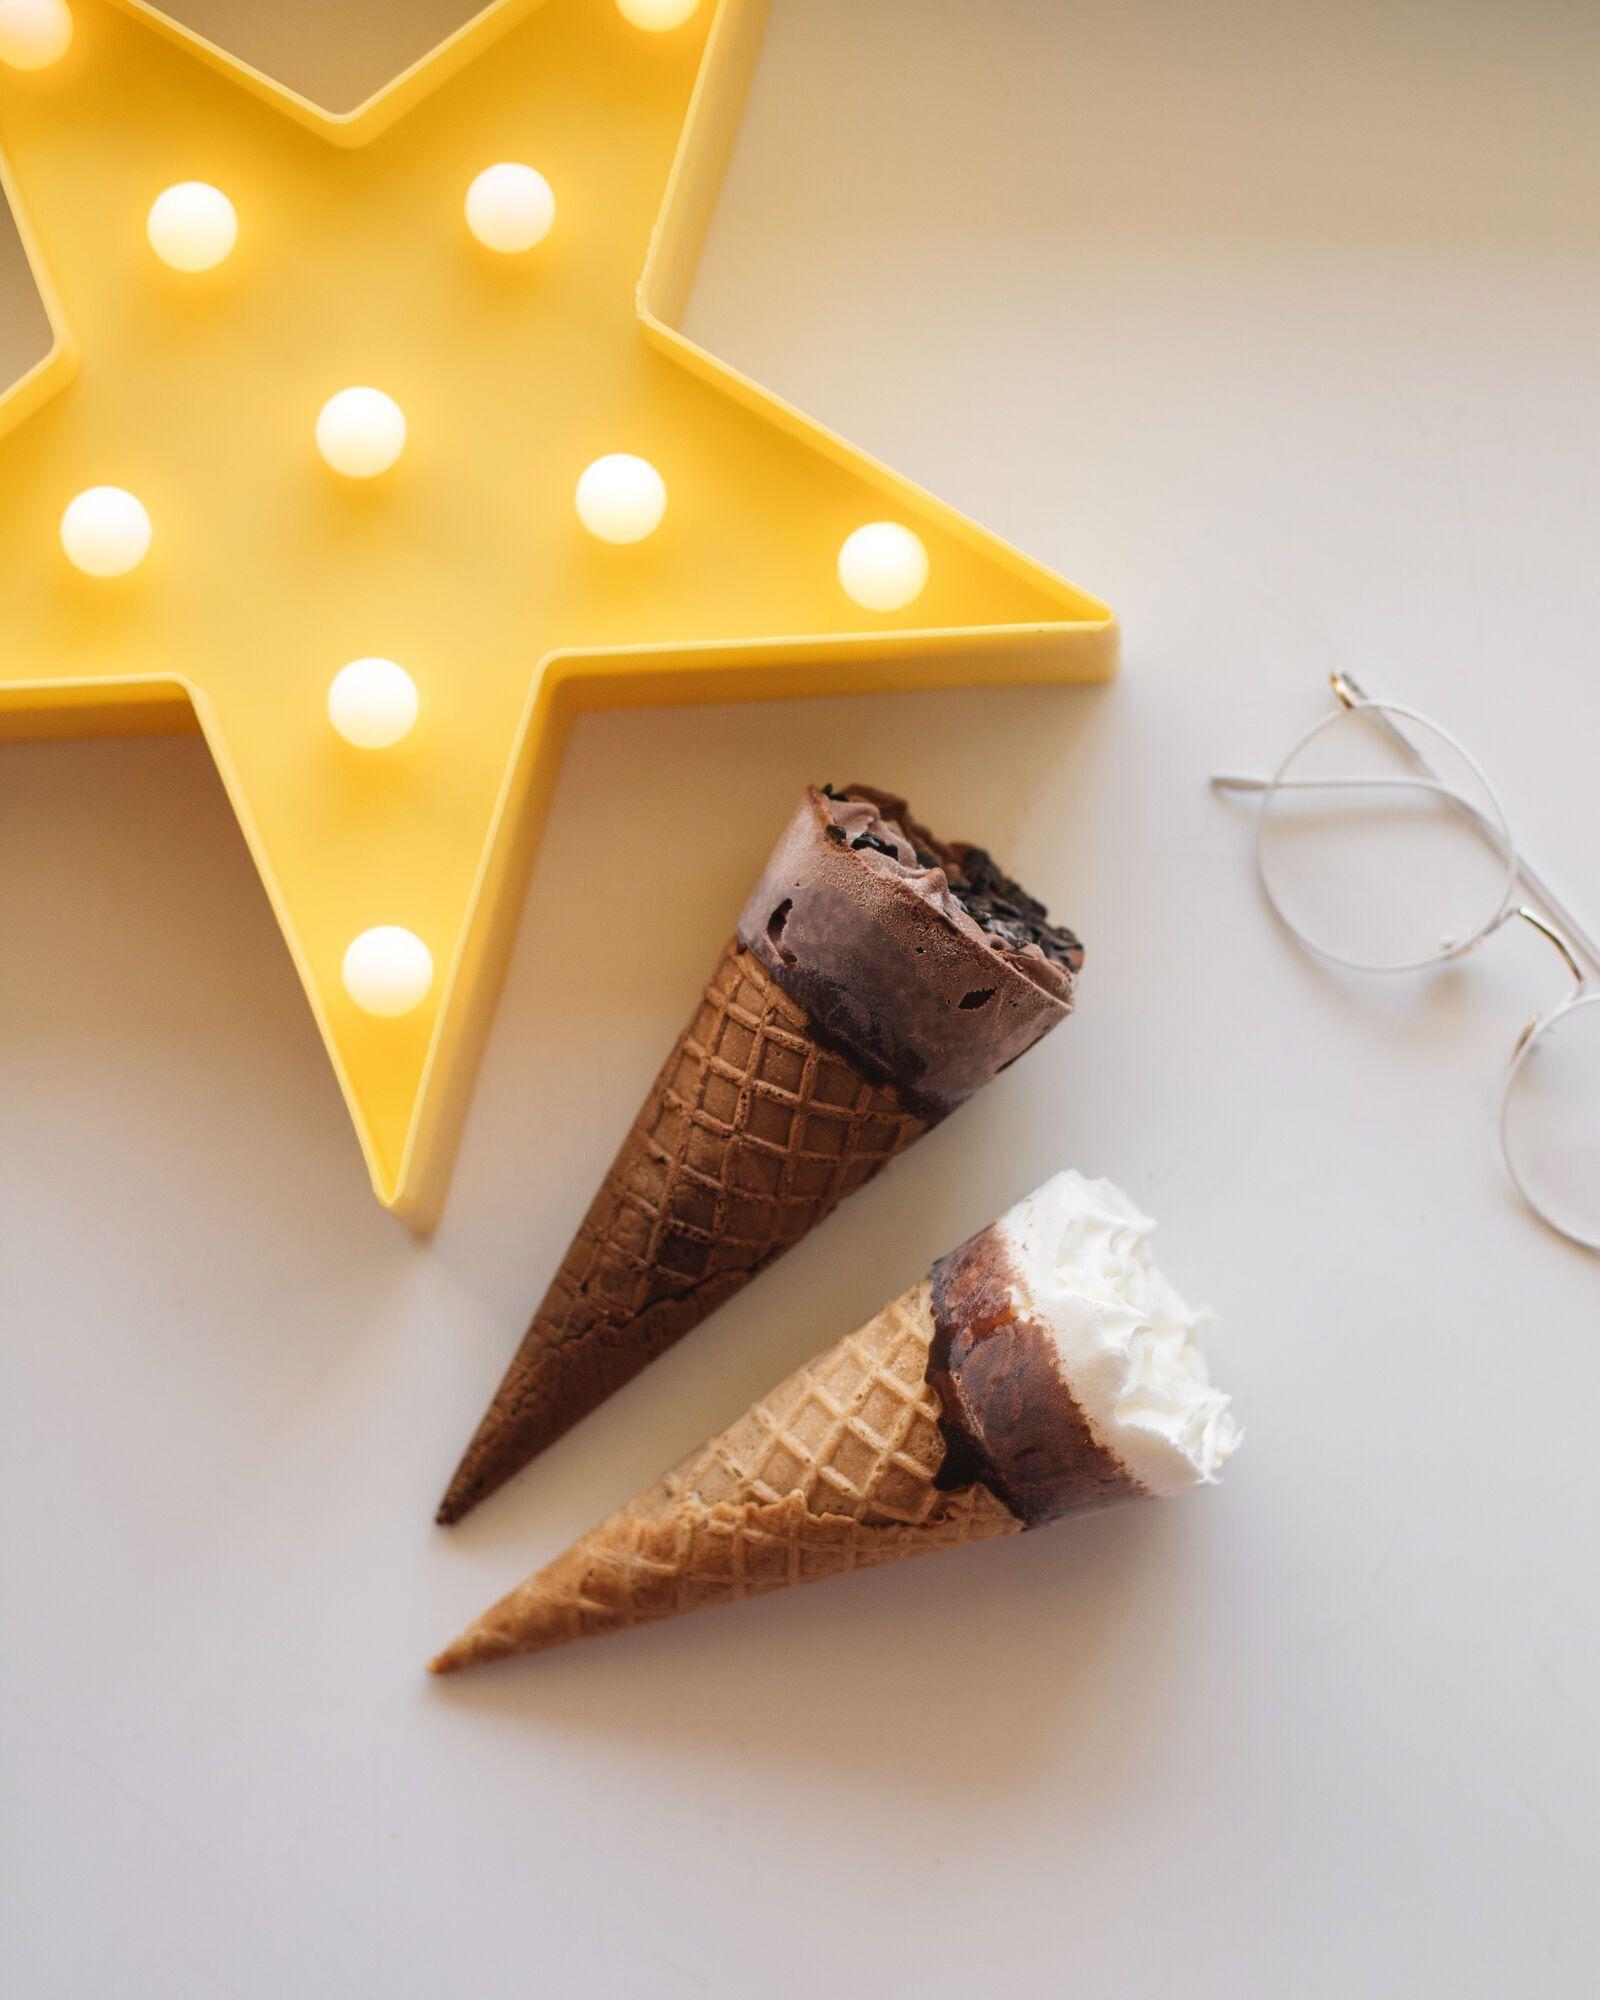 Мороженое пломбир и шоколадный пломбир МОРЖО в вафельном сахарном рожке